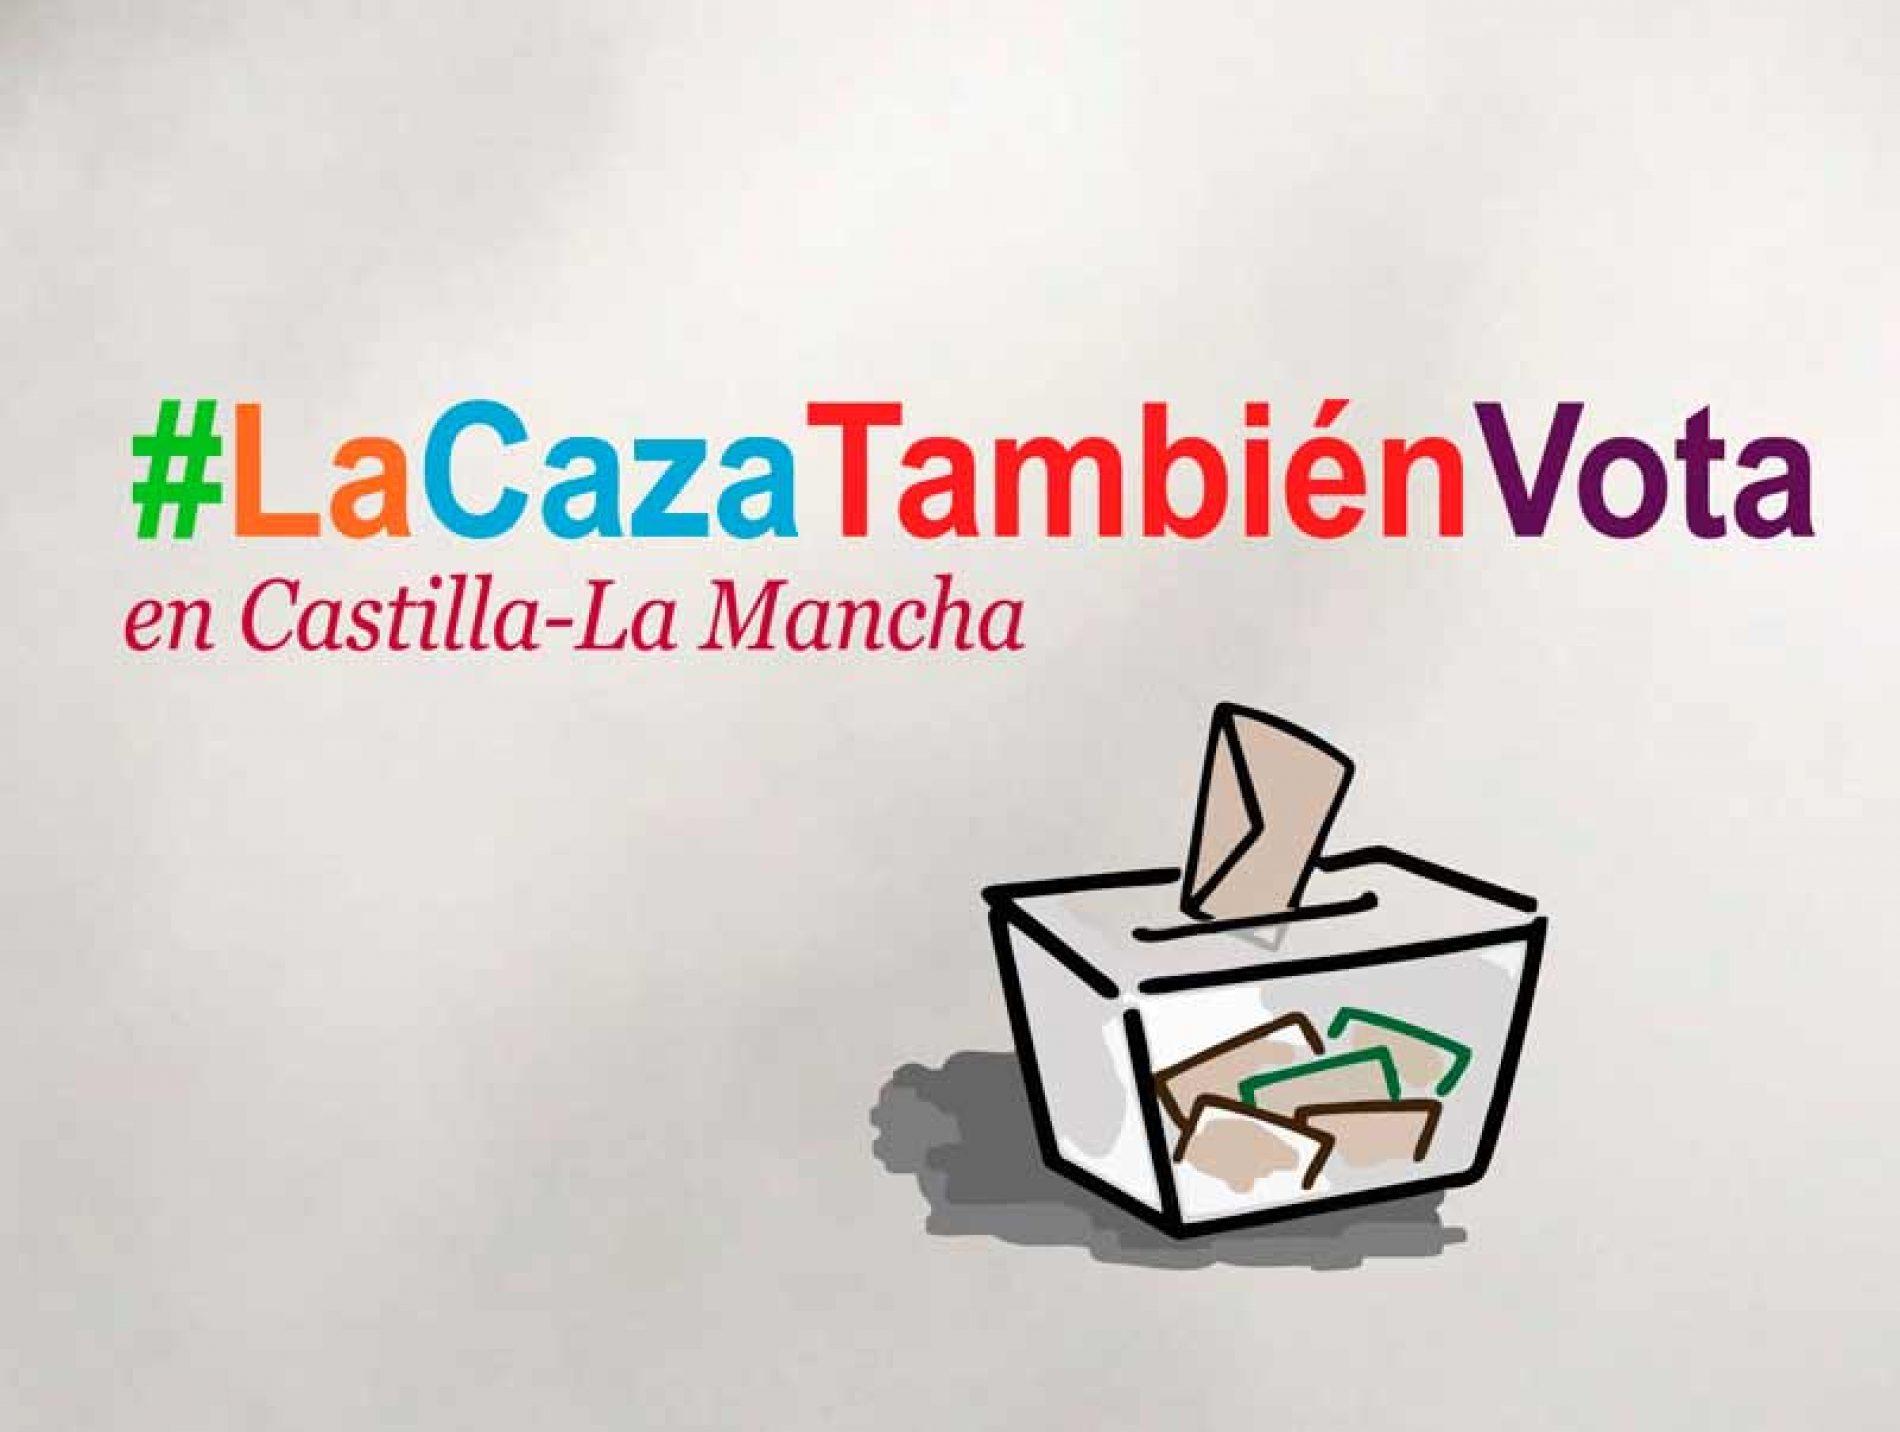 PSOE, PP, Ciudadanos y VOX firman su compromiso con la caza en el marco de la campaña #LaCazaTambiénVota en Castilla-La Mancha